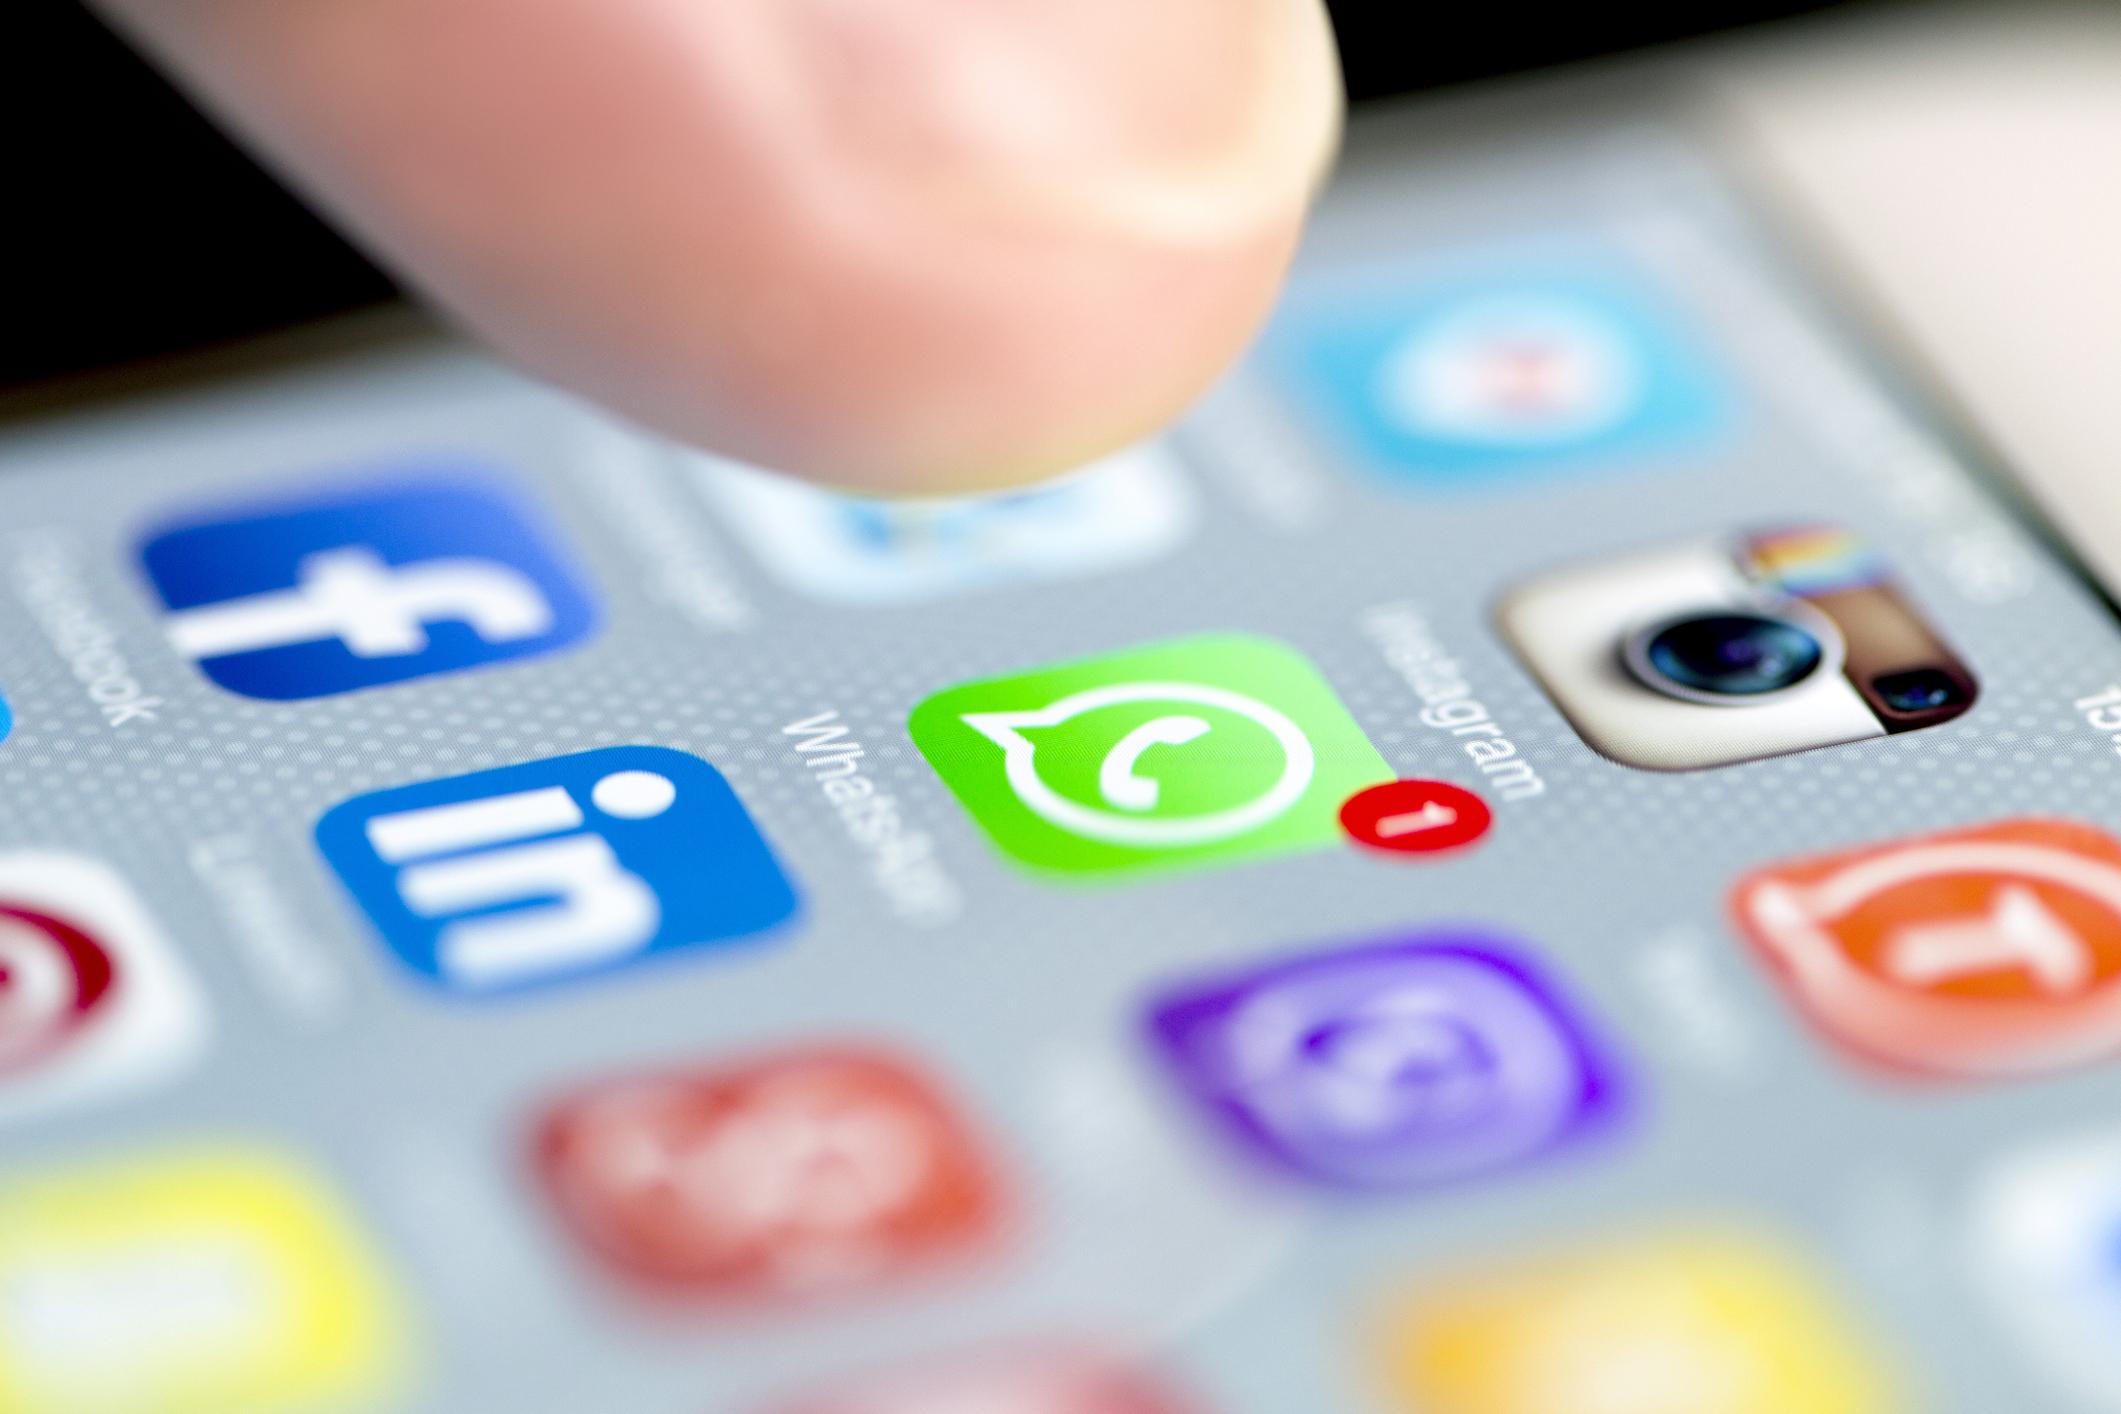 Usuarios de Whatsapp ya pueden enviar criptomonedas